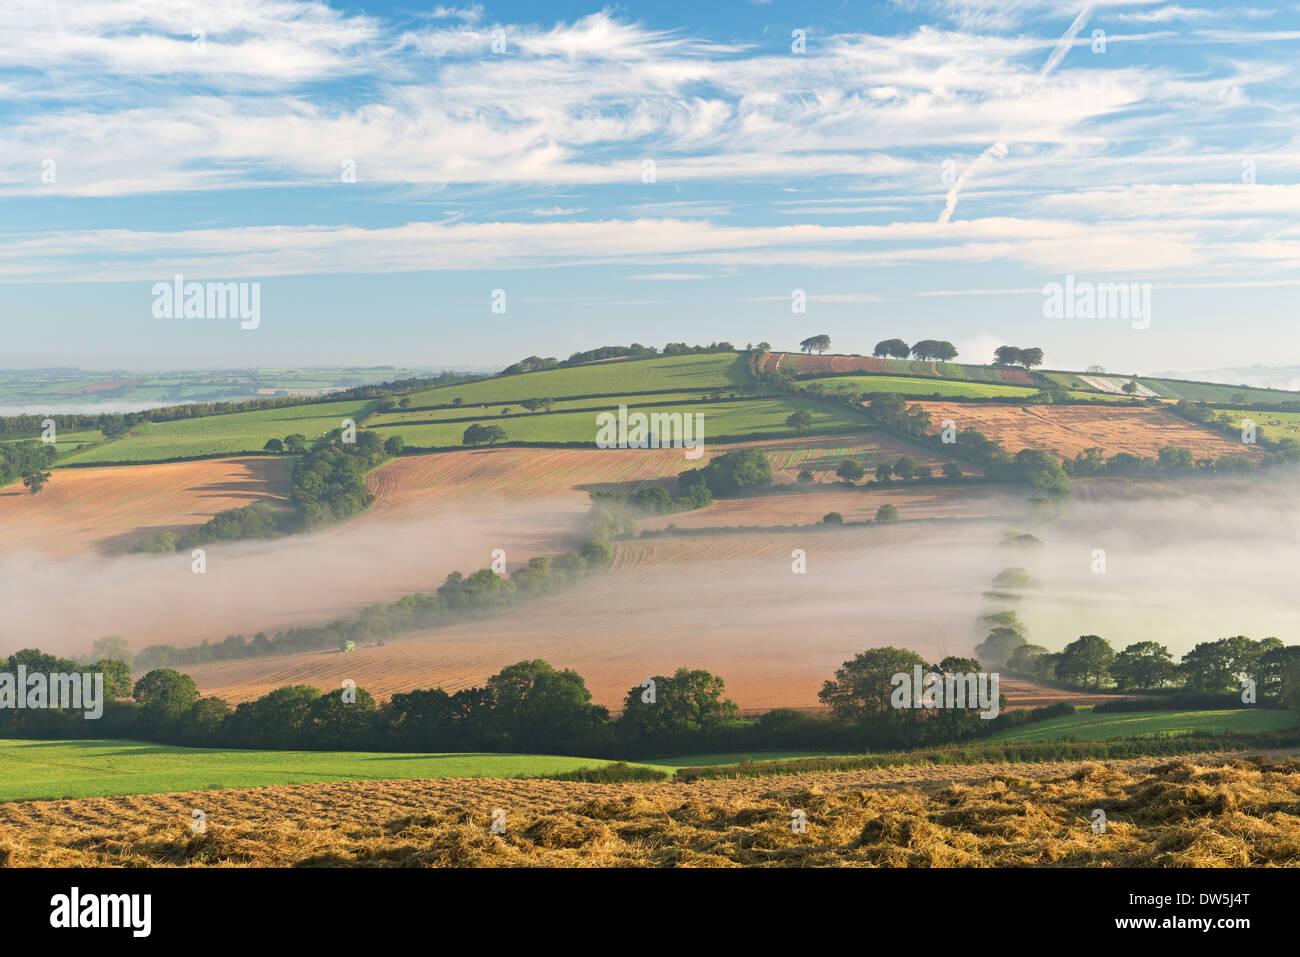 Nebel bedeckt Hügellandschaft an der Dämmerung, in der Nähe von Crediton, Devon, England. Herbst Stockbild